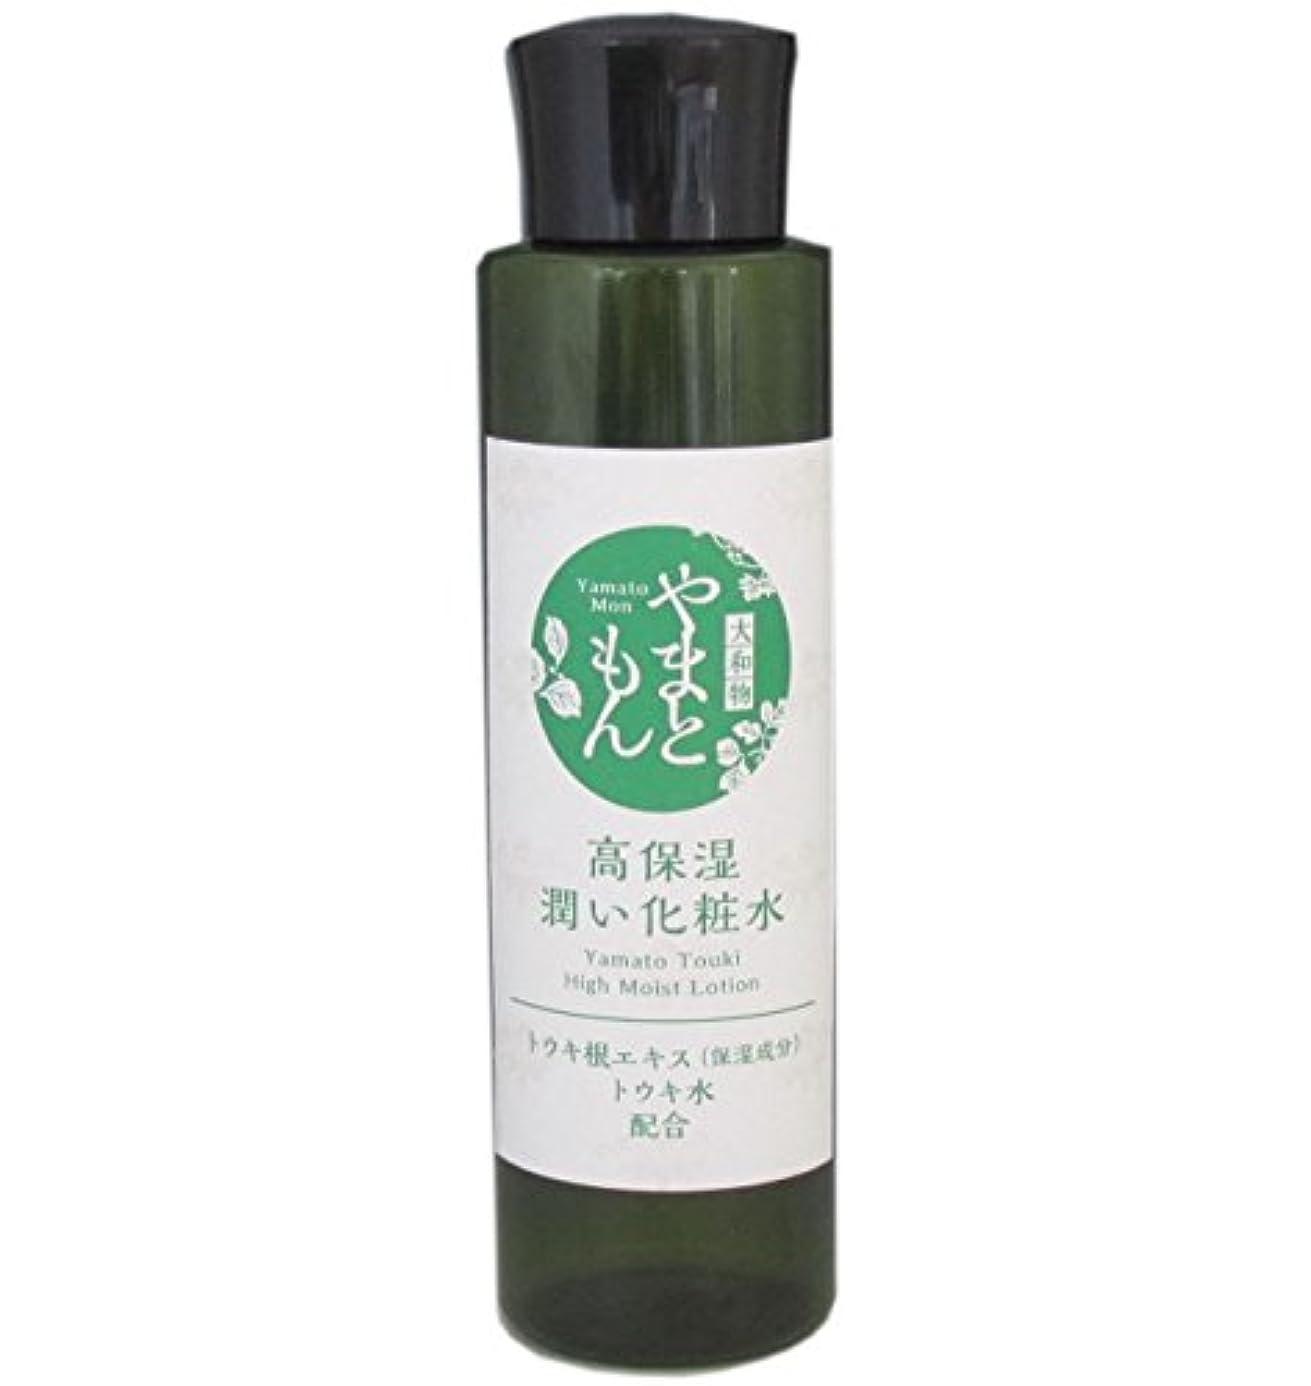 リング中国有名人奈良産和漢生薬エキス使用やまともん化粧品 当帰化粧水(とうきけしょうすい)